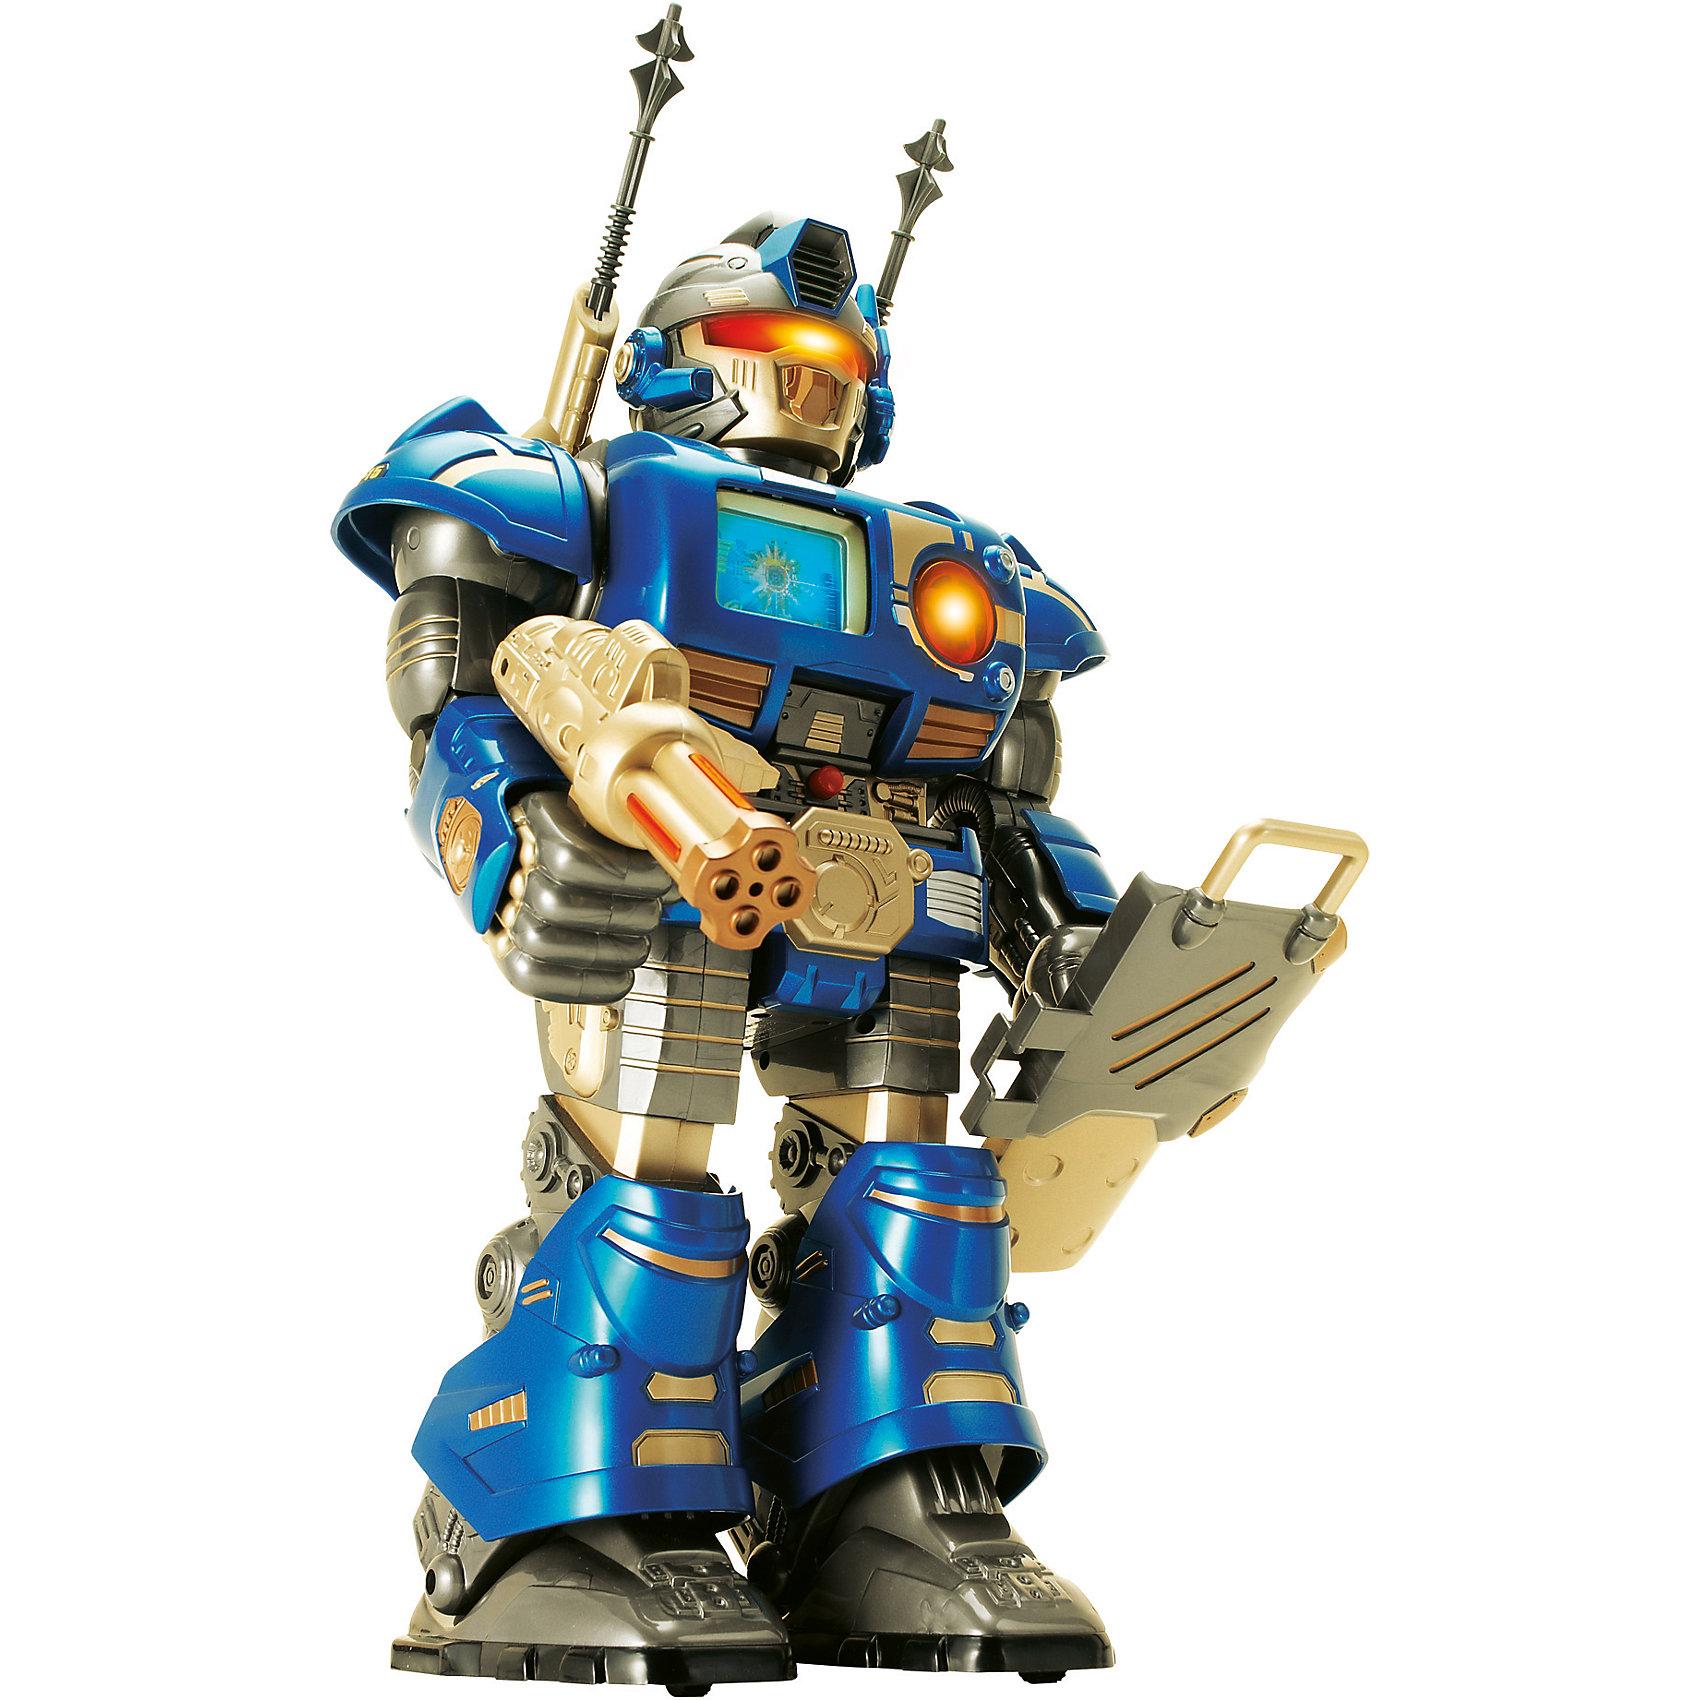 Робот-сержант синий, на и/к управлении, 38 см, HAP-P-KIDРобот-сержант на и/к управлении от HAP-P-KID классный подарок любителю робототехники! Большой, классный Робот восхитит Вашего мальчика, ведь он оснащен по последнему слову техники. Благодаря удобному и понятному пульту управления Робот-сержант будет выполнять любые команды: двигаться, поднимать оружие, поворачивать голову. Все движения Робота сопровождаются классными звуковыми и световыми эффектами, поэтому играть с ним очень увлекательно. Робот-сержант - настоящий боевой робот: у него несколько видов вооружения и прочные съемные доспехи. <br>Главная особенность Робота-сержанта настоящий анимационный экран на груди! Устраивать битвы с таким бойцом одно удовольствие! Собирайтесь с друзьями и решайте чей робот самый сильный! <br>Игры с роботами развивают у мальчишек сообразительность и логическое мышление.<br><br>Дополнительная информация: <br><br>- В наборе:  робот (без ракет на плечах), пульт дистанционного управления, доспехи, оружие;<br>- Робот движется вперед, поднимает руки, поворачивает голову;<br>- Анимационный экран;<br>- Световые и звуковые эффекты;<br>- Работает от батареек: 3 батарейки типа ААА - для пульта, 4 батарейки типа АА - для робота;<br>- Прекрасный подарок мальчишке;<br>- Цвет: синий;<br>- Высота игрушки: 38 см;<br>- Размер упаковки: 33 х 13,3 х 40,6;<br>- Вес: 1,8 кг<br><br>Робота-сержанта синего, на и/к управлении, 38 см, HAP-P-KID можно купить в нашем интернет-магазине<br><br>Ширина мм: 330<br>Глубина мм: 133<br>Высота мм: 406<br>Вес г: 1880<br>Возраст от месяцев: 36<br>Возраст до месяцев: 84<br>Пол: Мужской<br>Возраст: Детский<br>SKU: 4001659